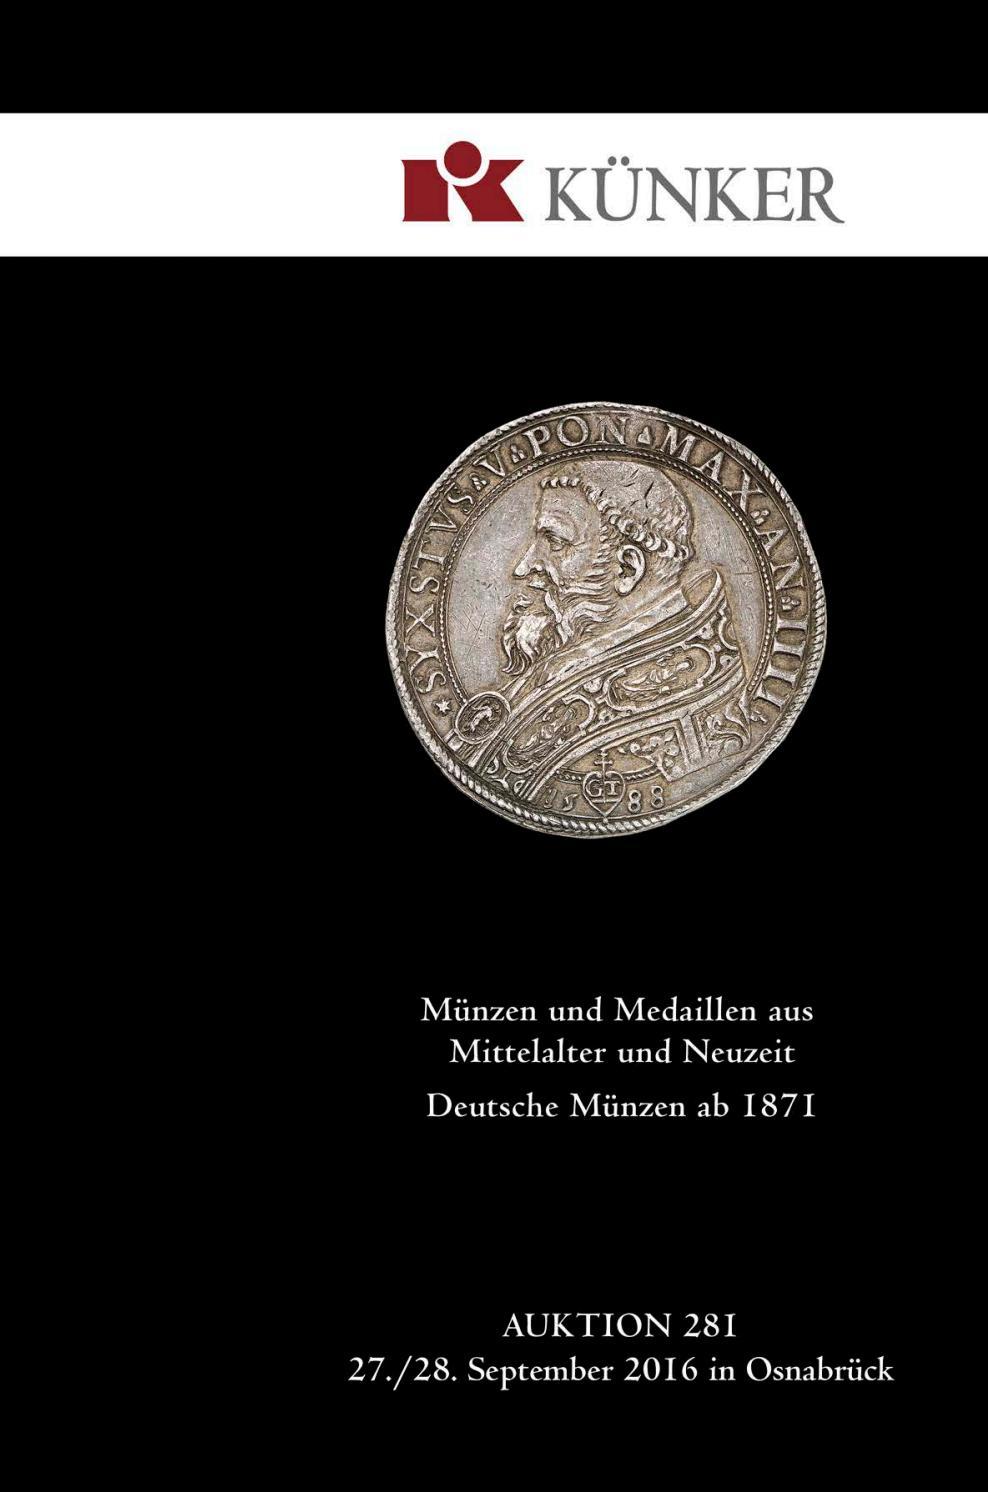 Künker Auktion 281: Münzen und Medaillen aus Mittelalter und ...